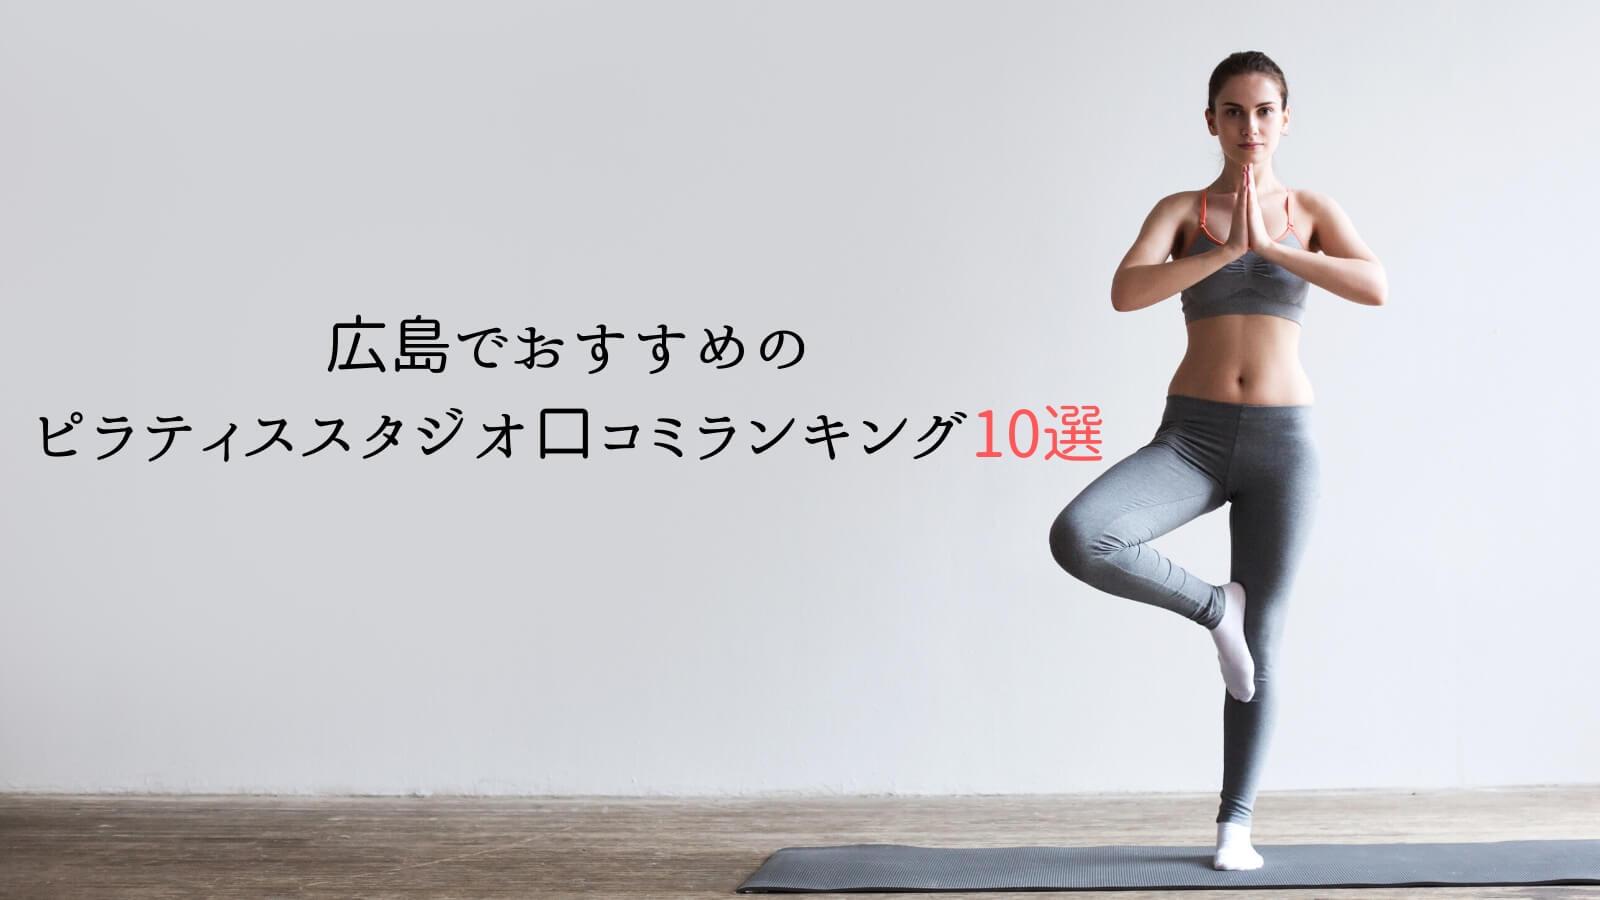 広島でおすすめのピラティススタジオ口コミランキング10選